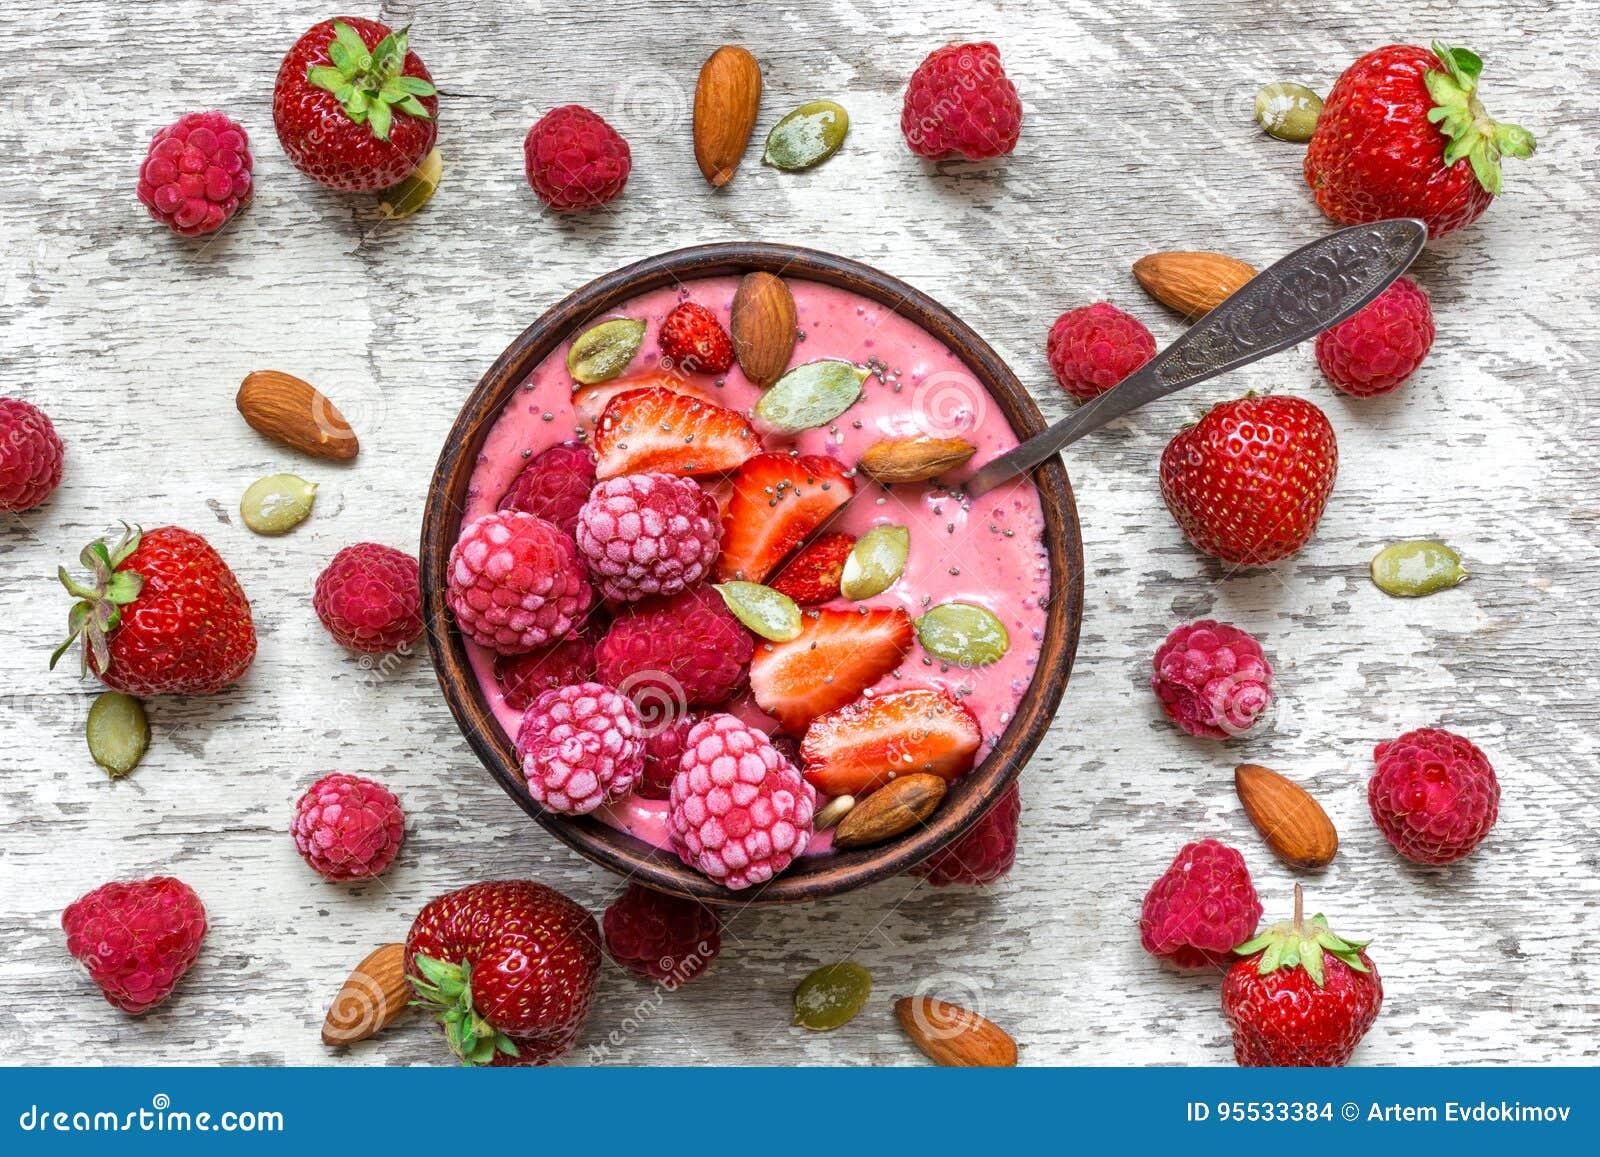 Roze frambozen en aardbeifruit smoothie of milkshake in een kom met bessen, noten en zaden